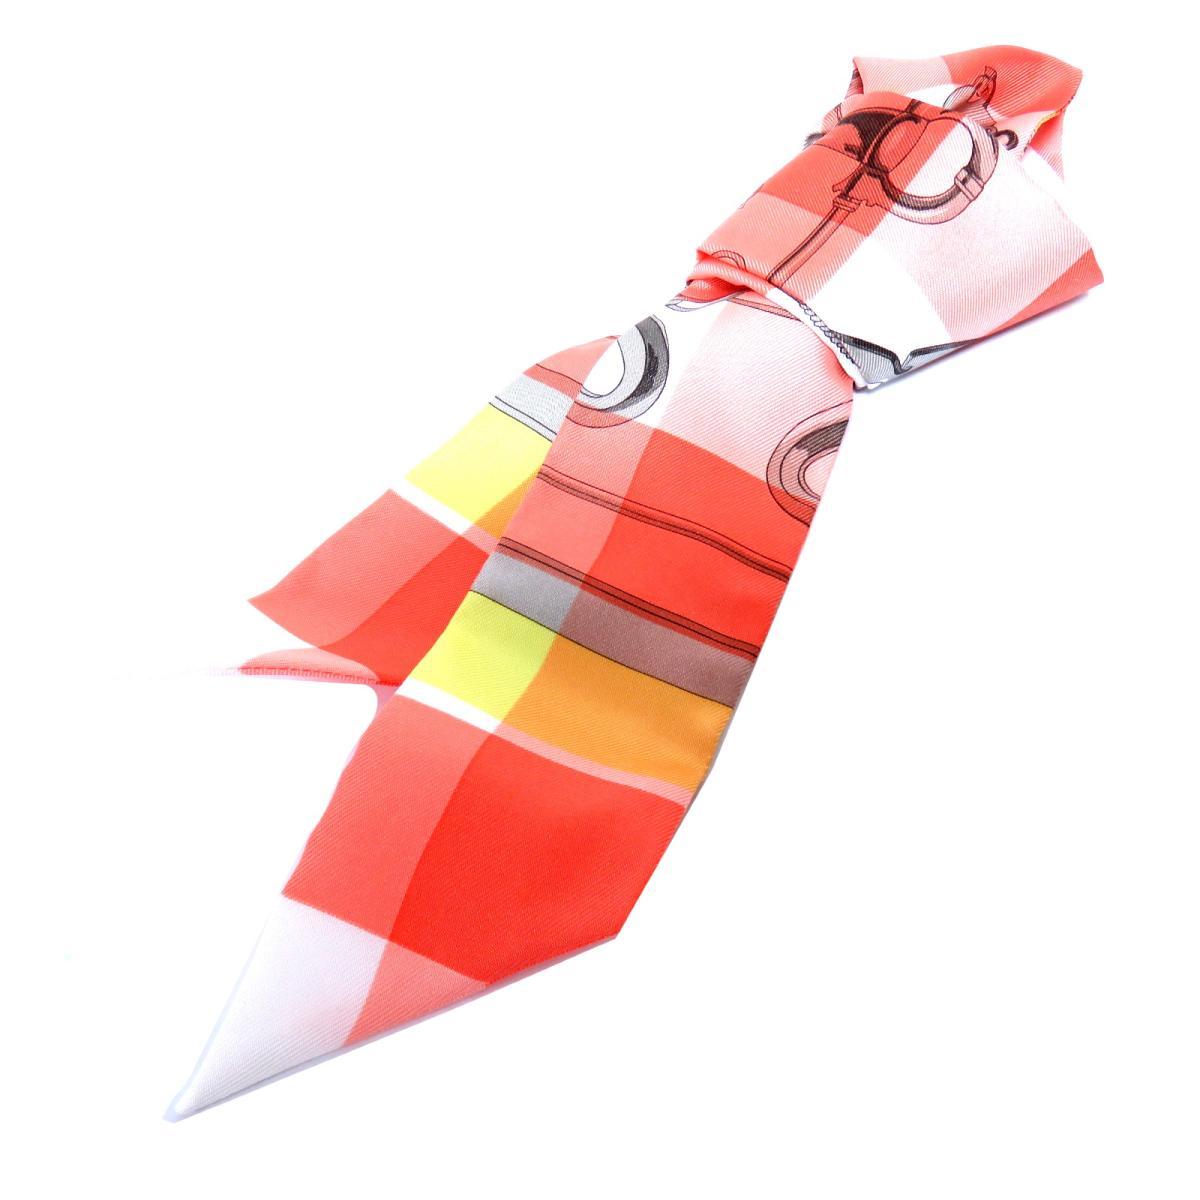 エルメス トゥイリー スカーフ 衣料品 レディース シルク SAUMON/CITORON | HERMES BRANDOFF ブランドオフ ブランド